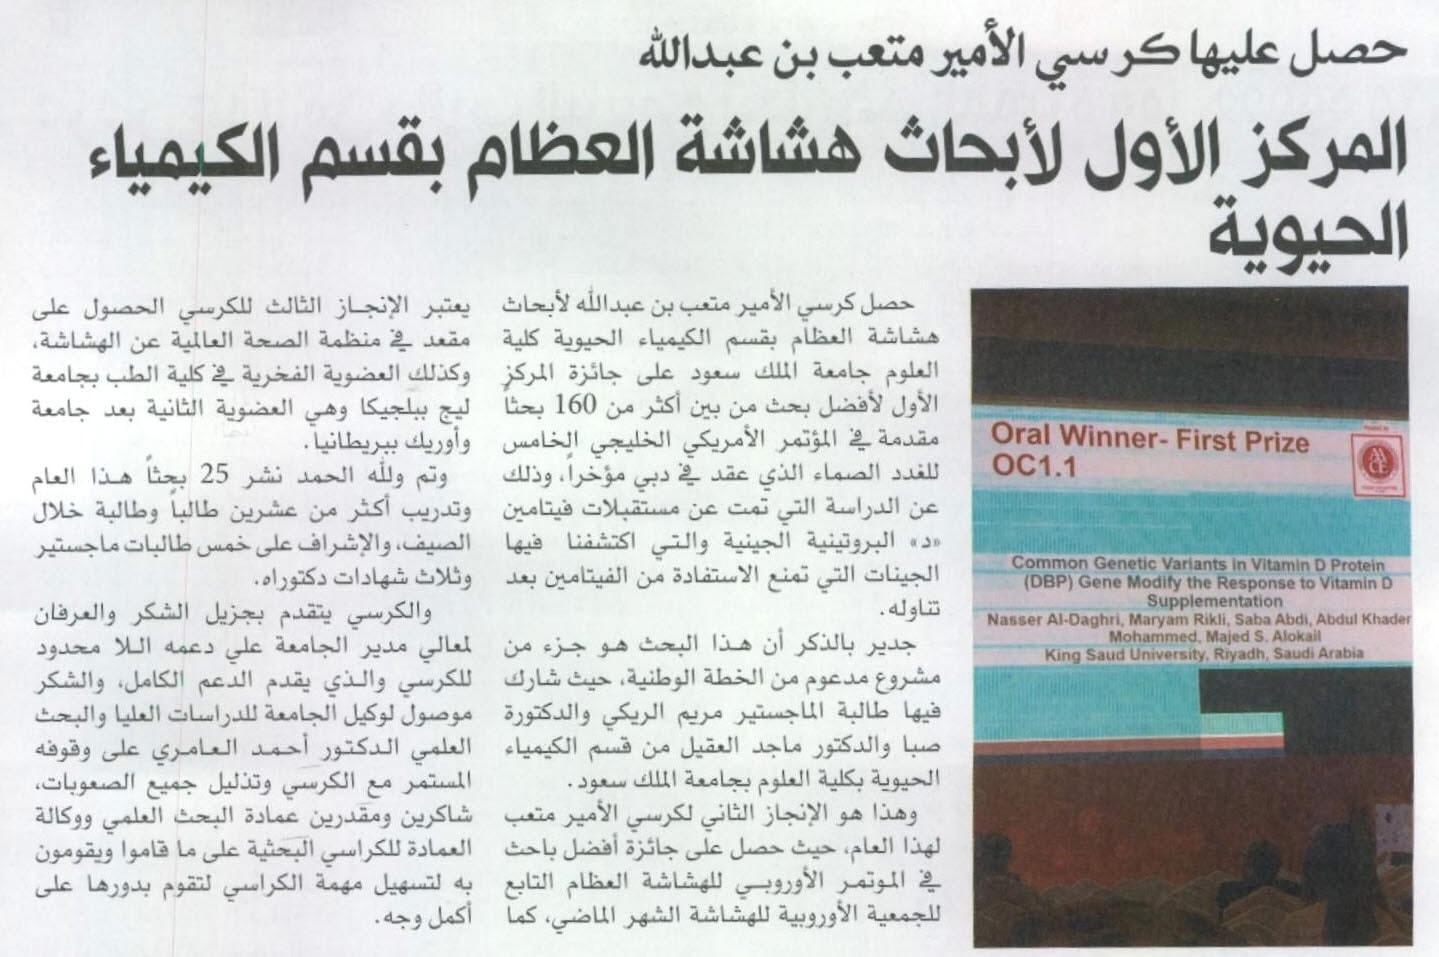 جائزة المركز الأول لأبحاث... - المركز الأول لأبحاث هشاشة...